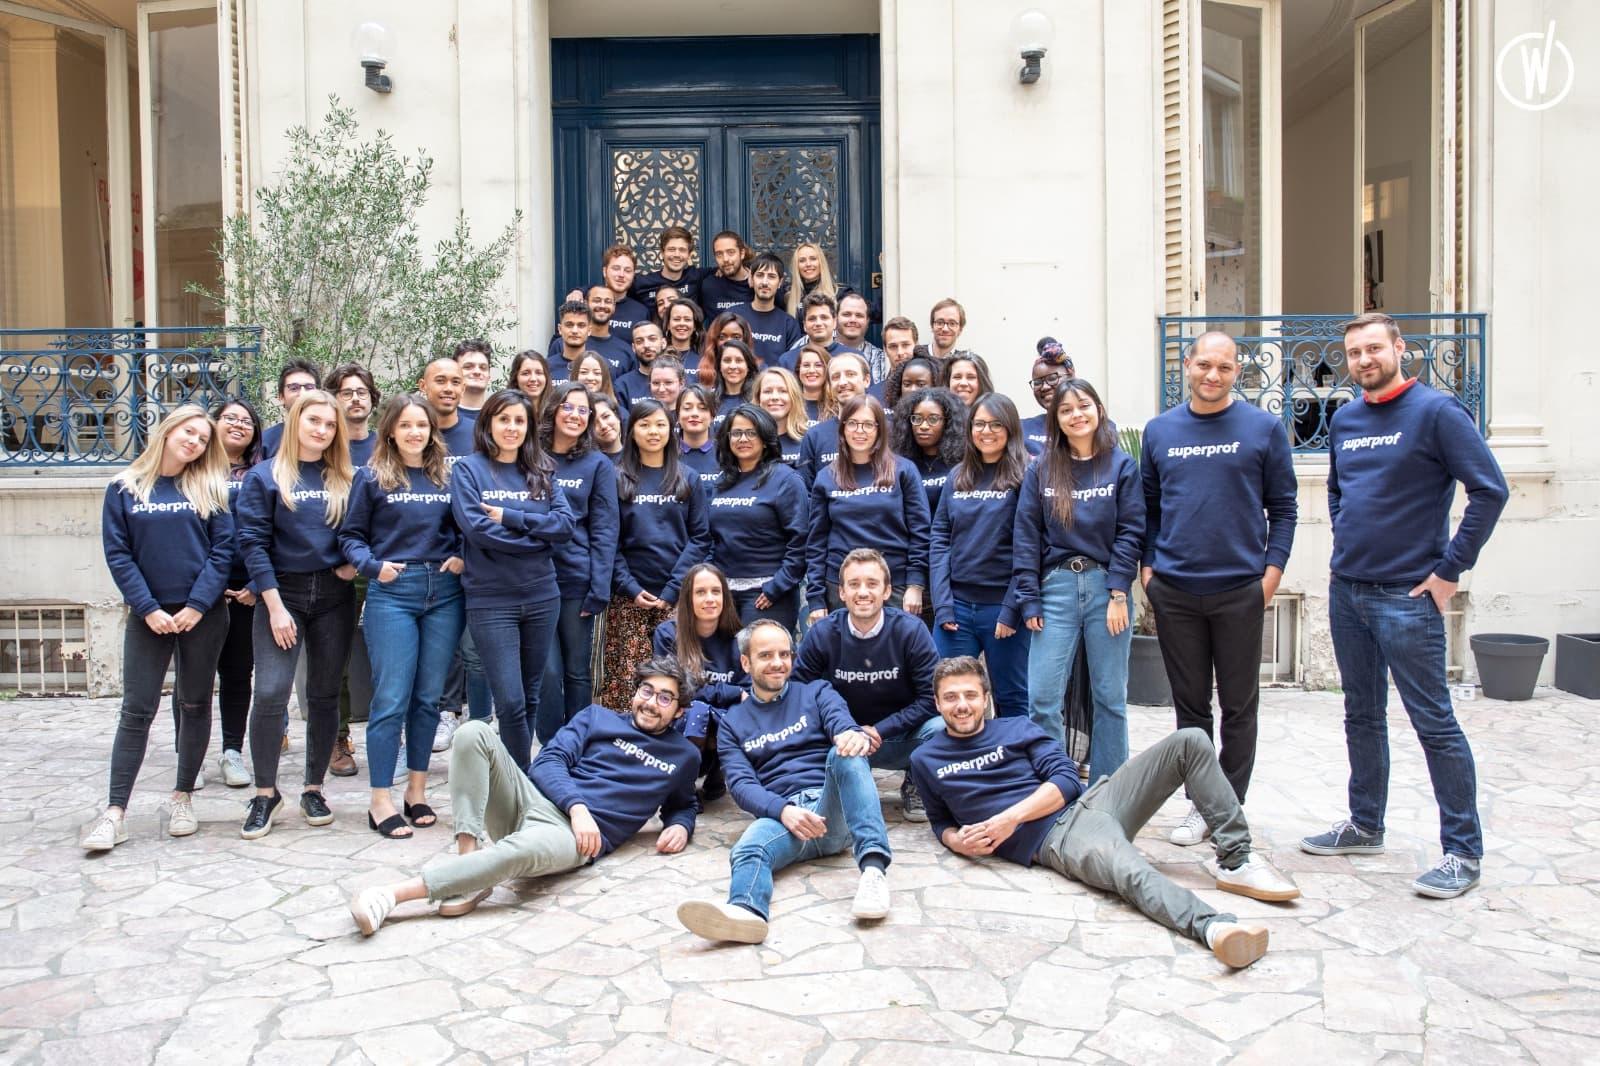 L'équipe de Superprof devant leur bureau à Paris